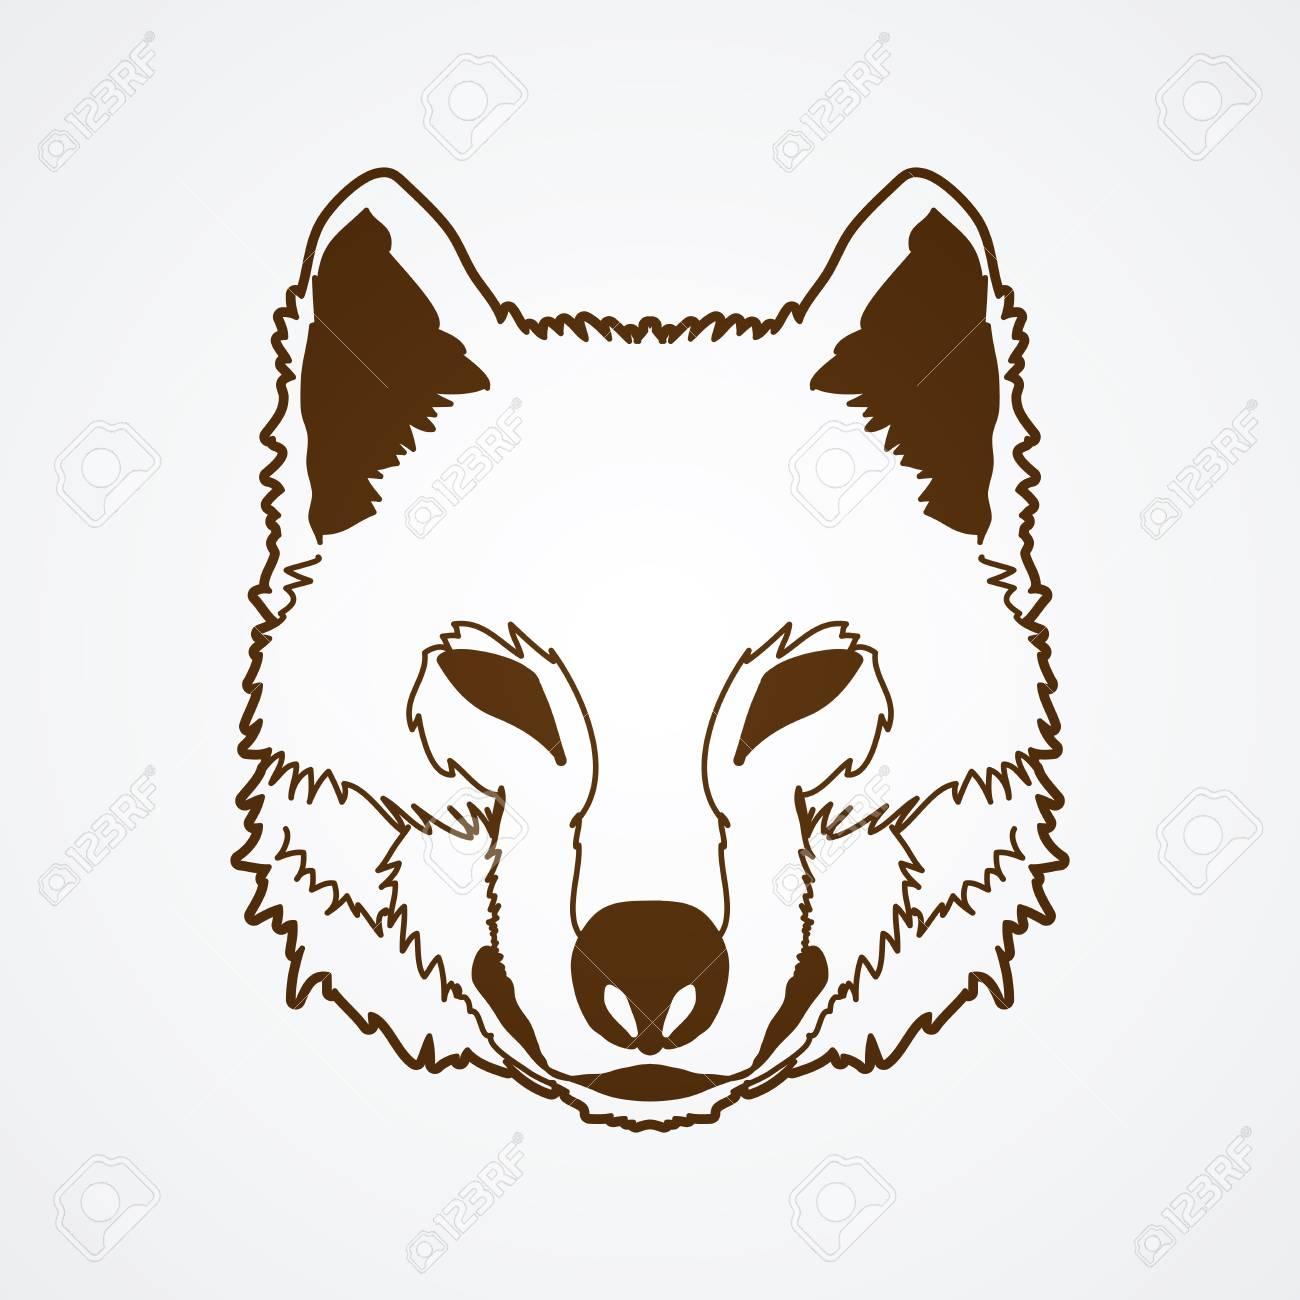 オオカミの顔正面概要グラフィック ベクトル